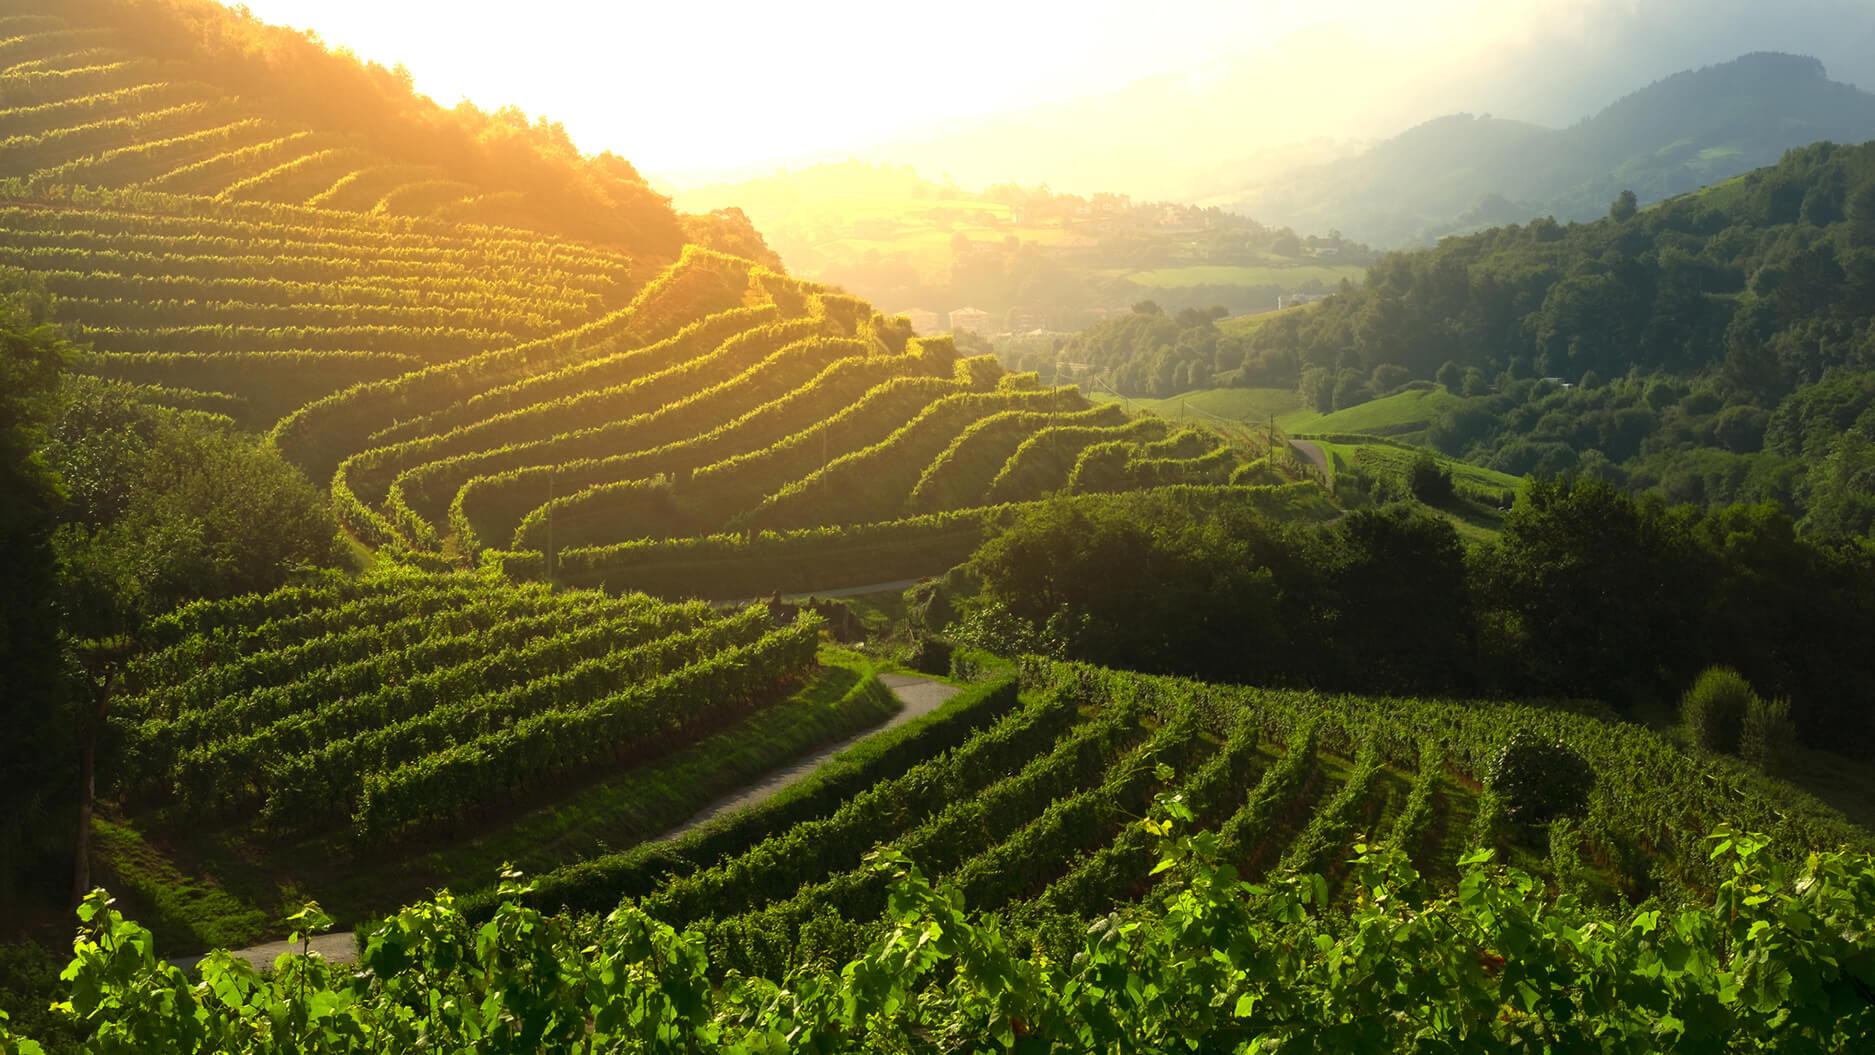 agriculural-landscape-sunset